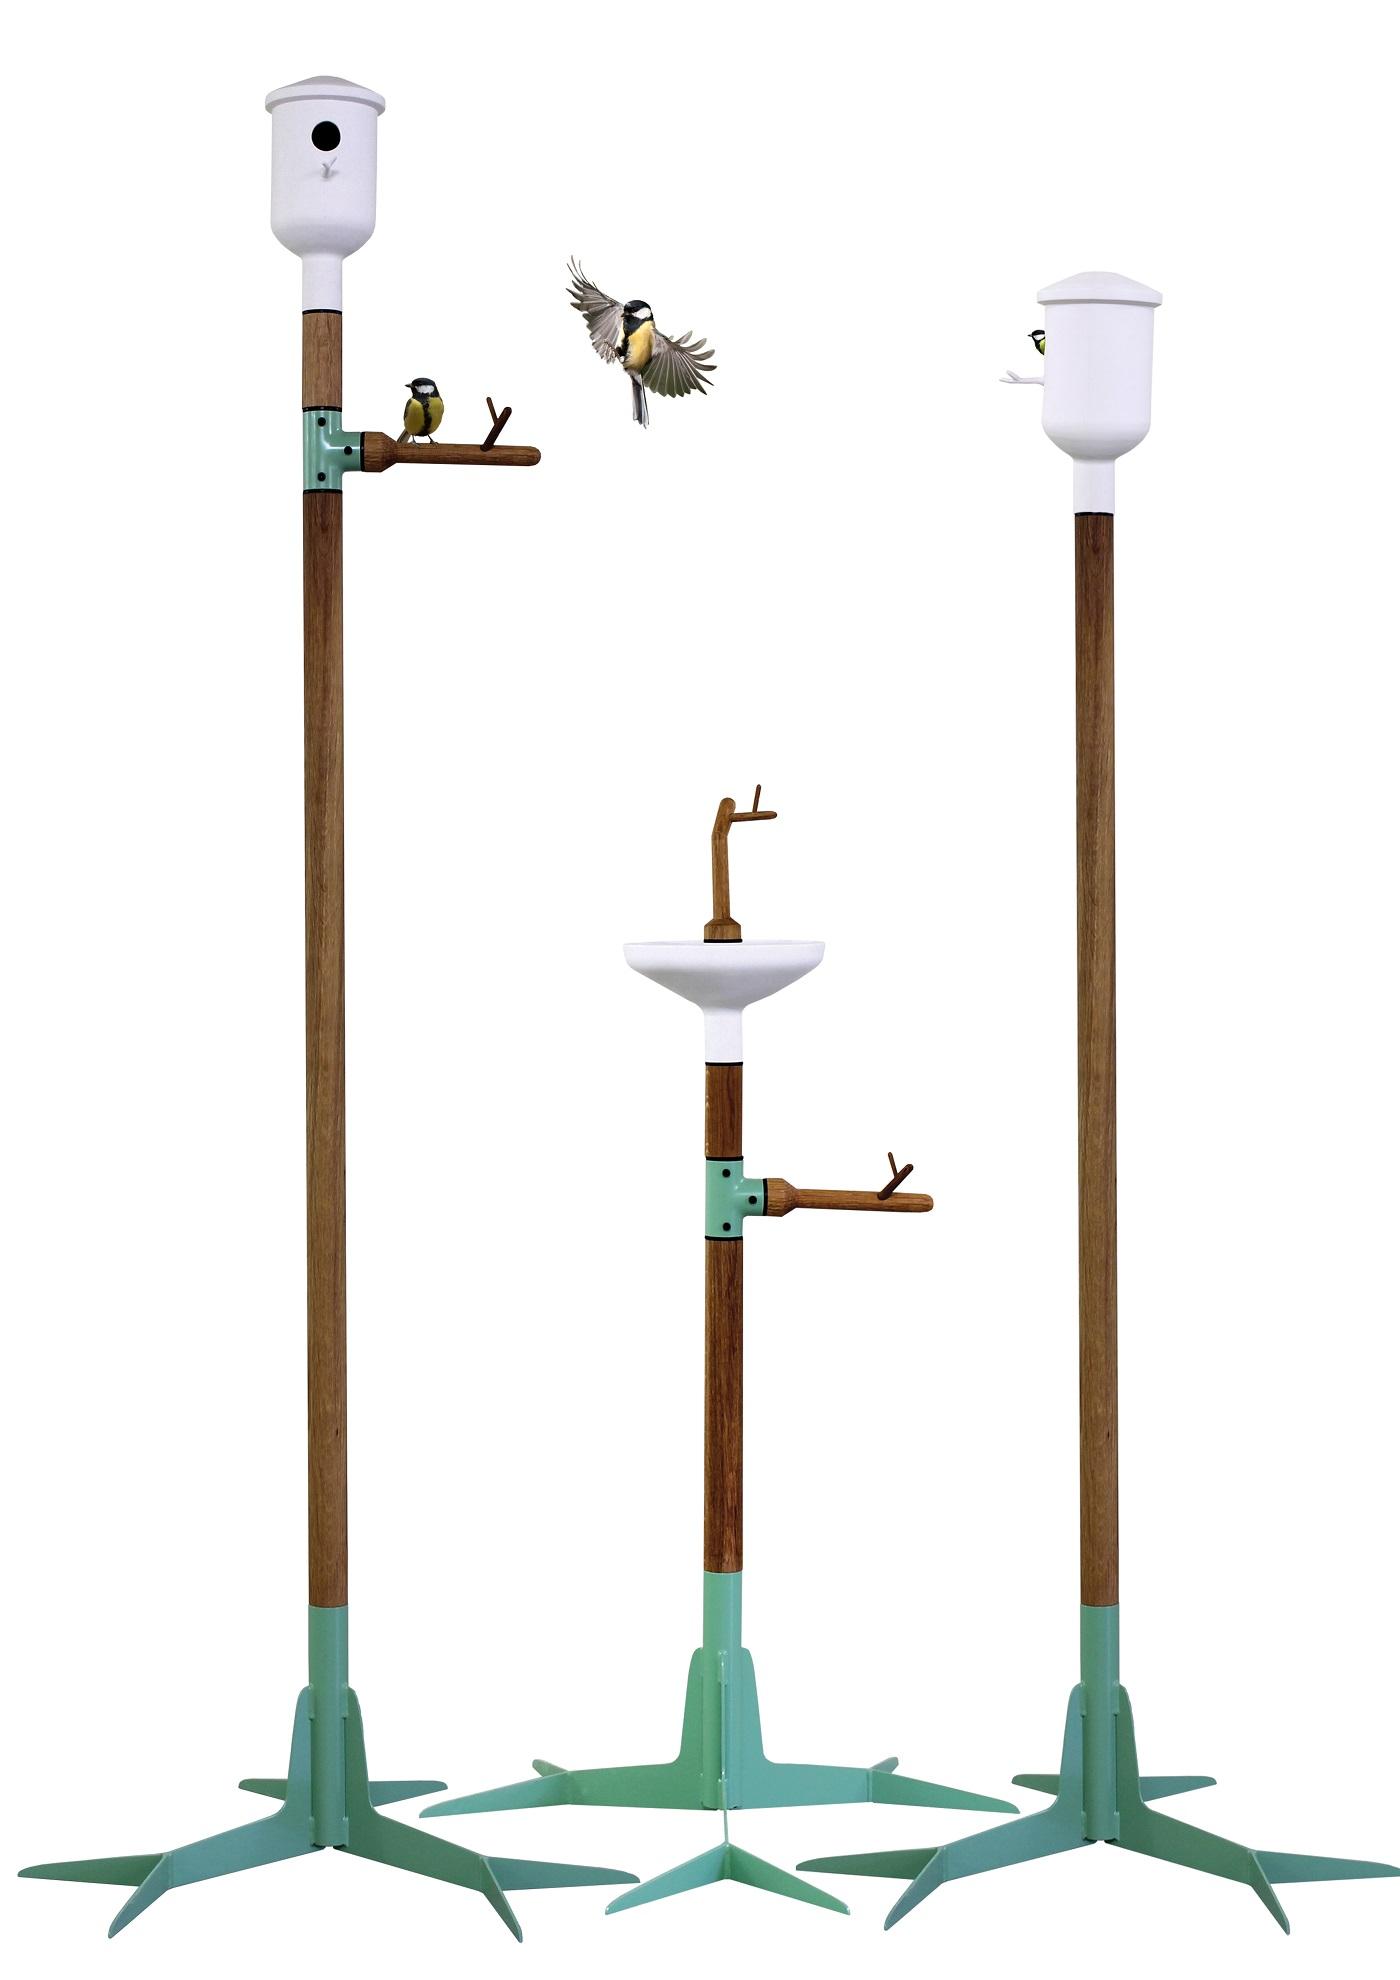 Vogelhuisjes en drinkplankje uit de Garden Elements collectie van Vincent Bos